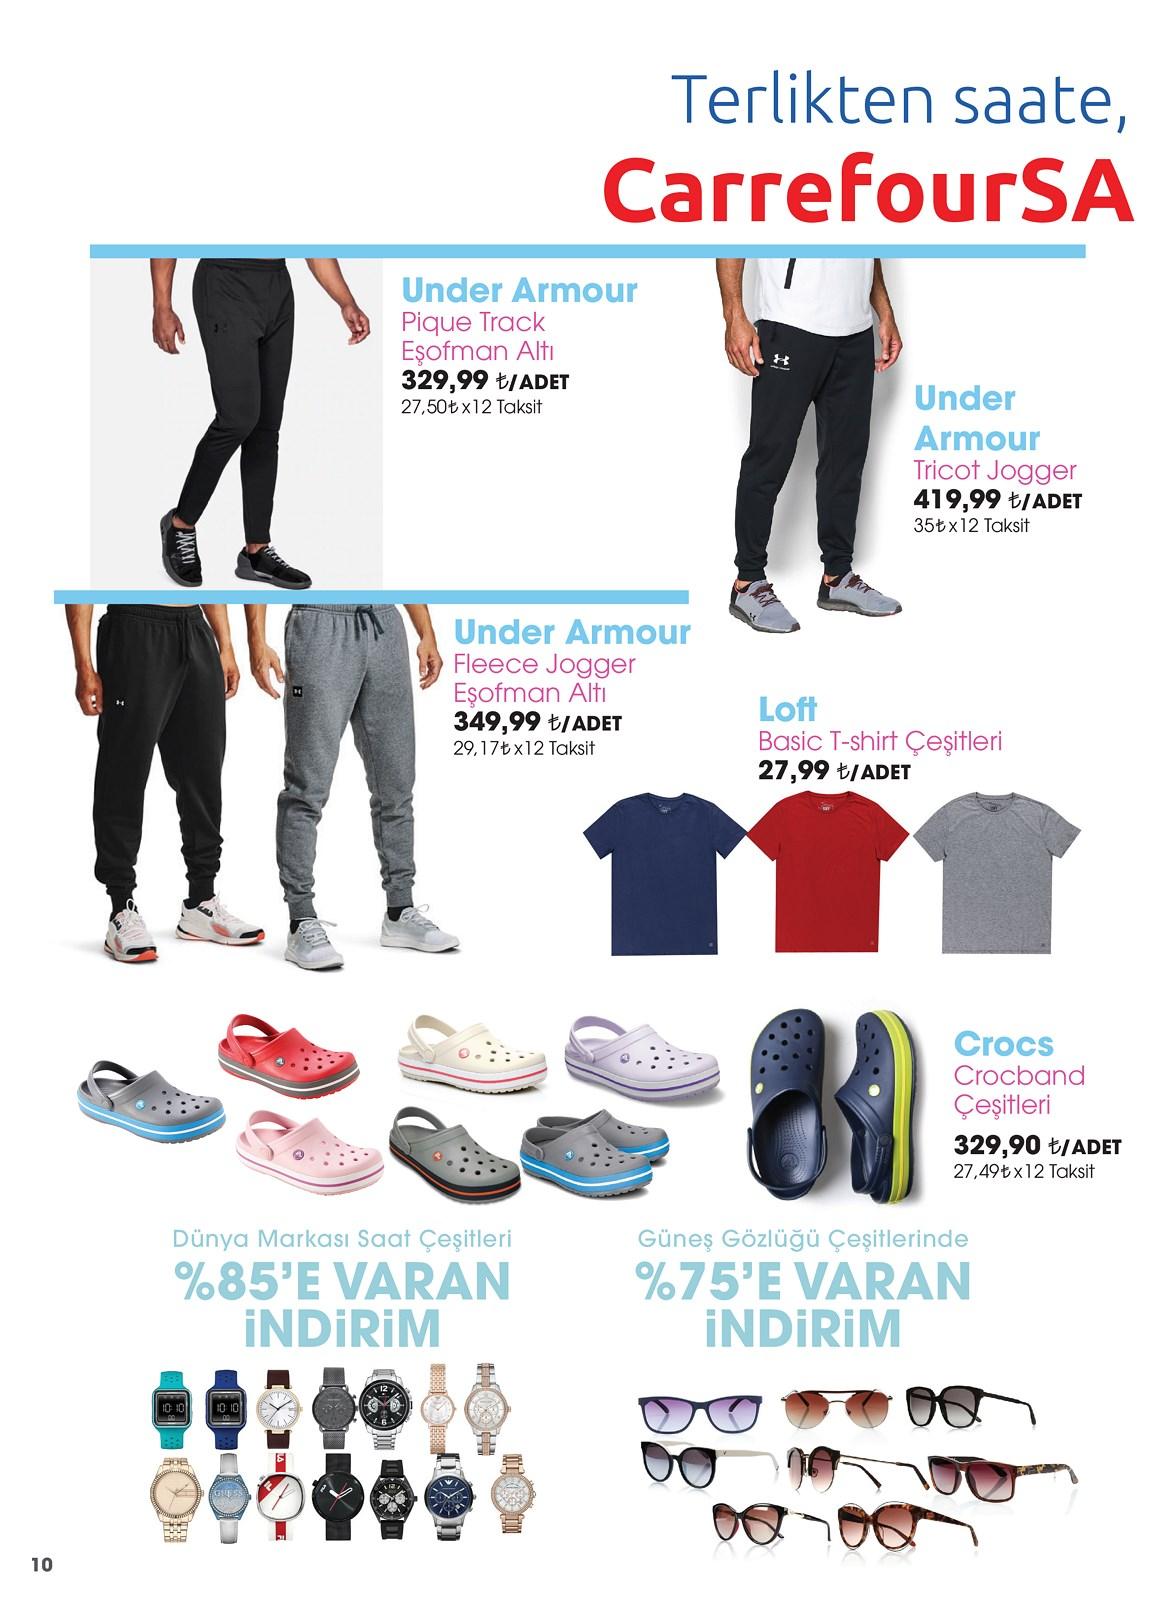 01.06.2021 CarrefourSA broşürü 10. sayfa